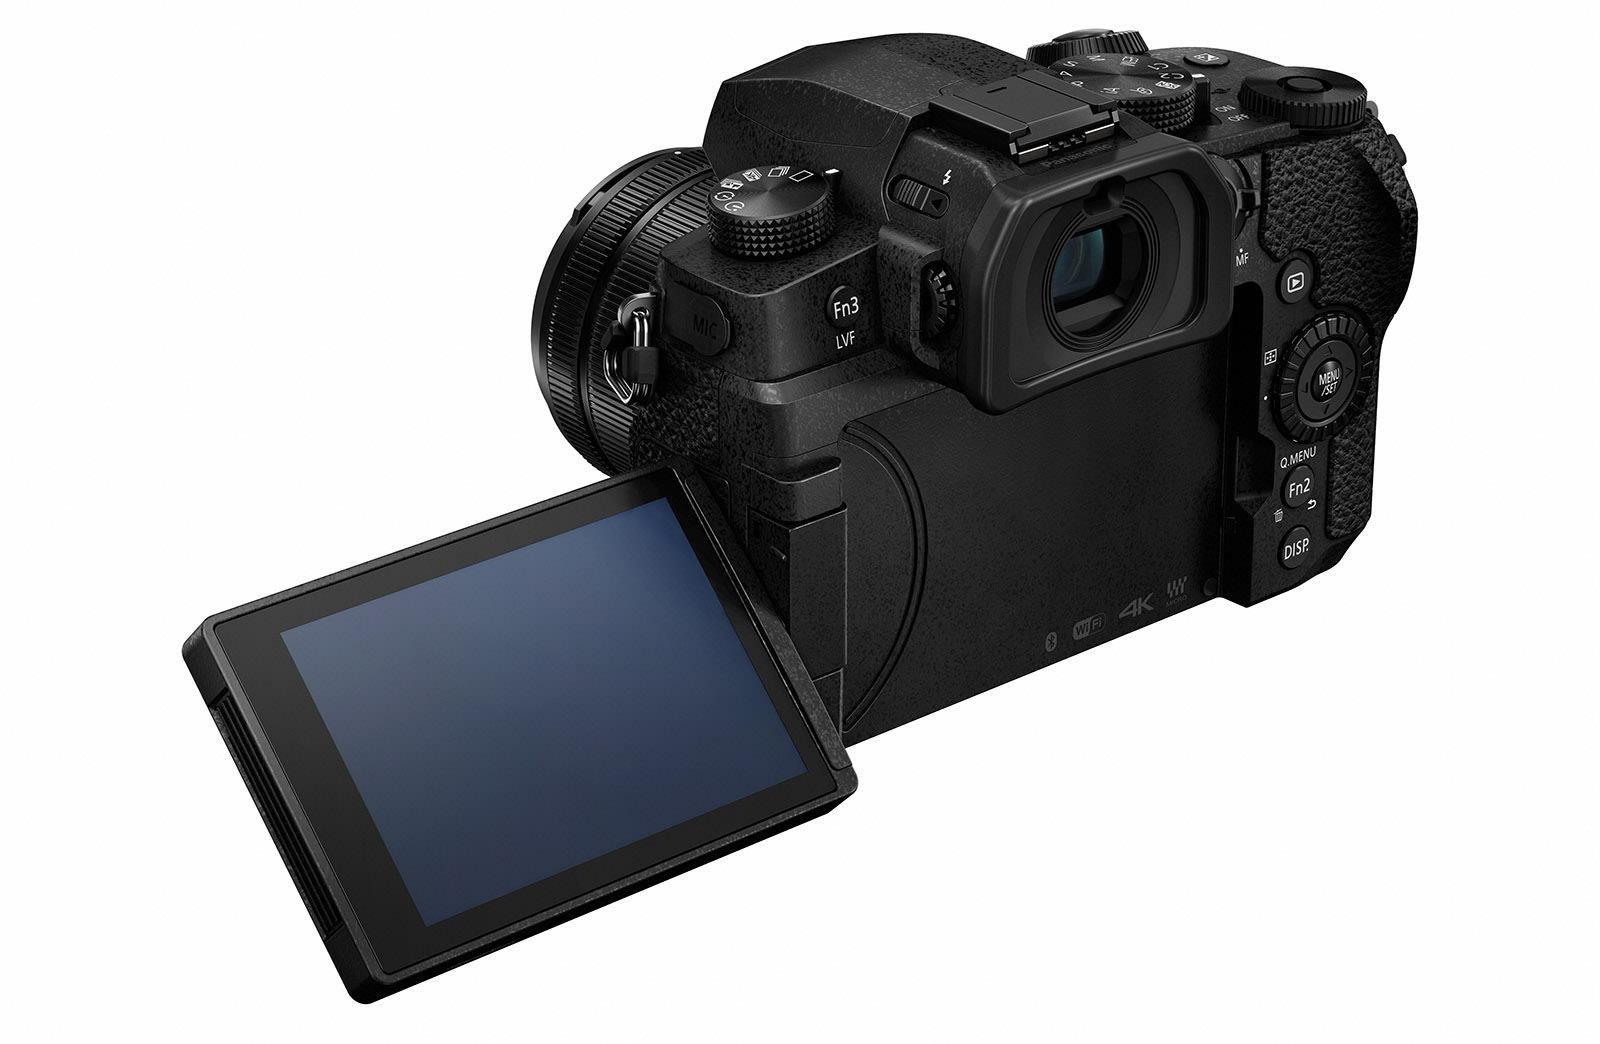 Panasonic G95 mirrorless camera